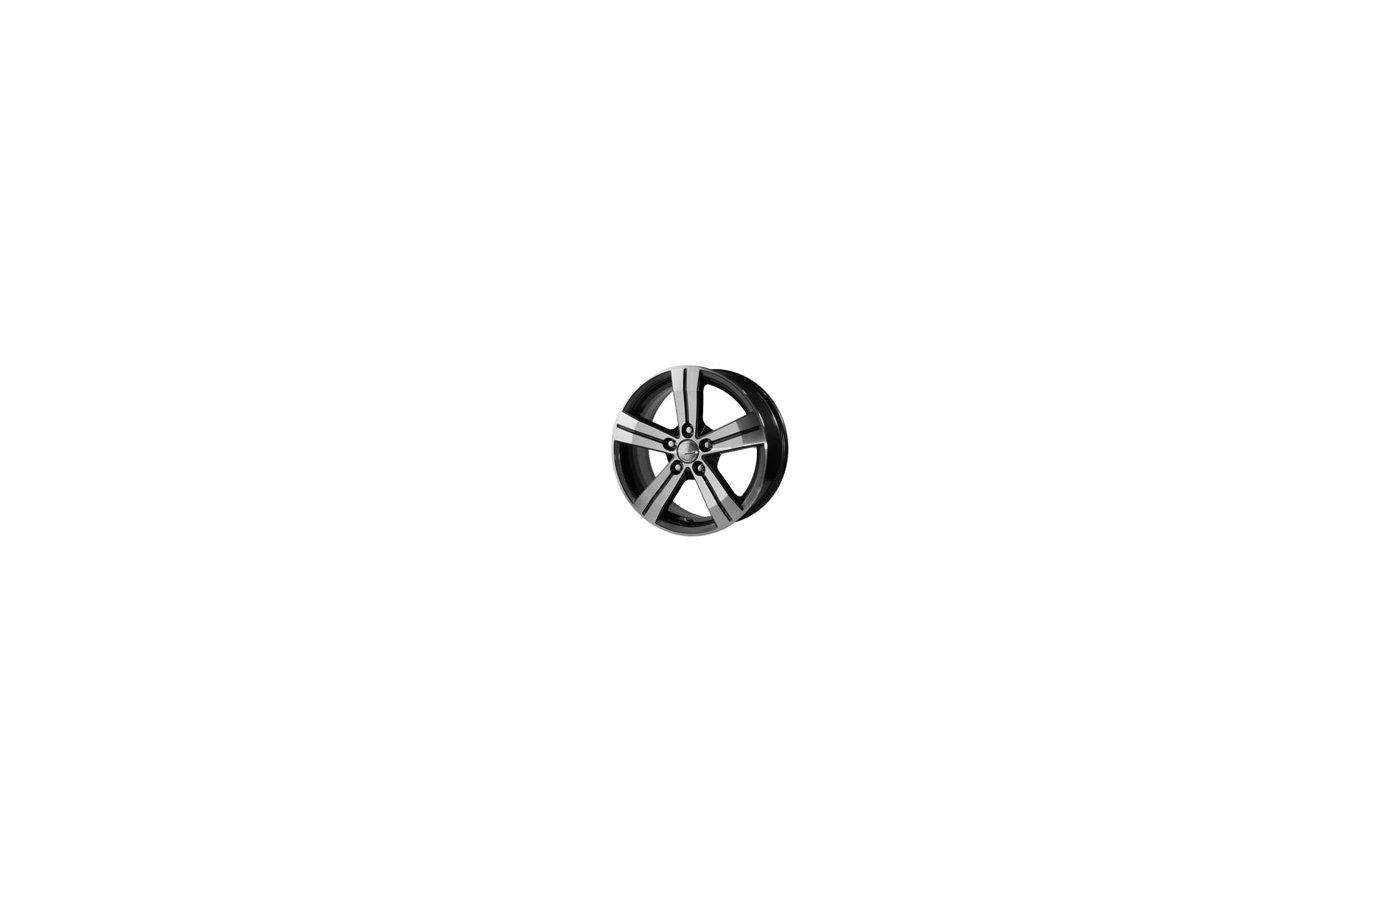 Диск Скад Мицар 5.5x14/4x98 D58.6 ET38 Селена